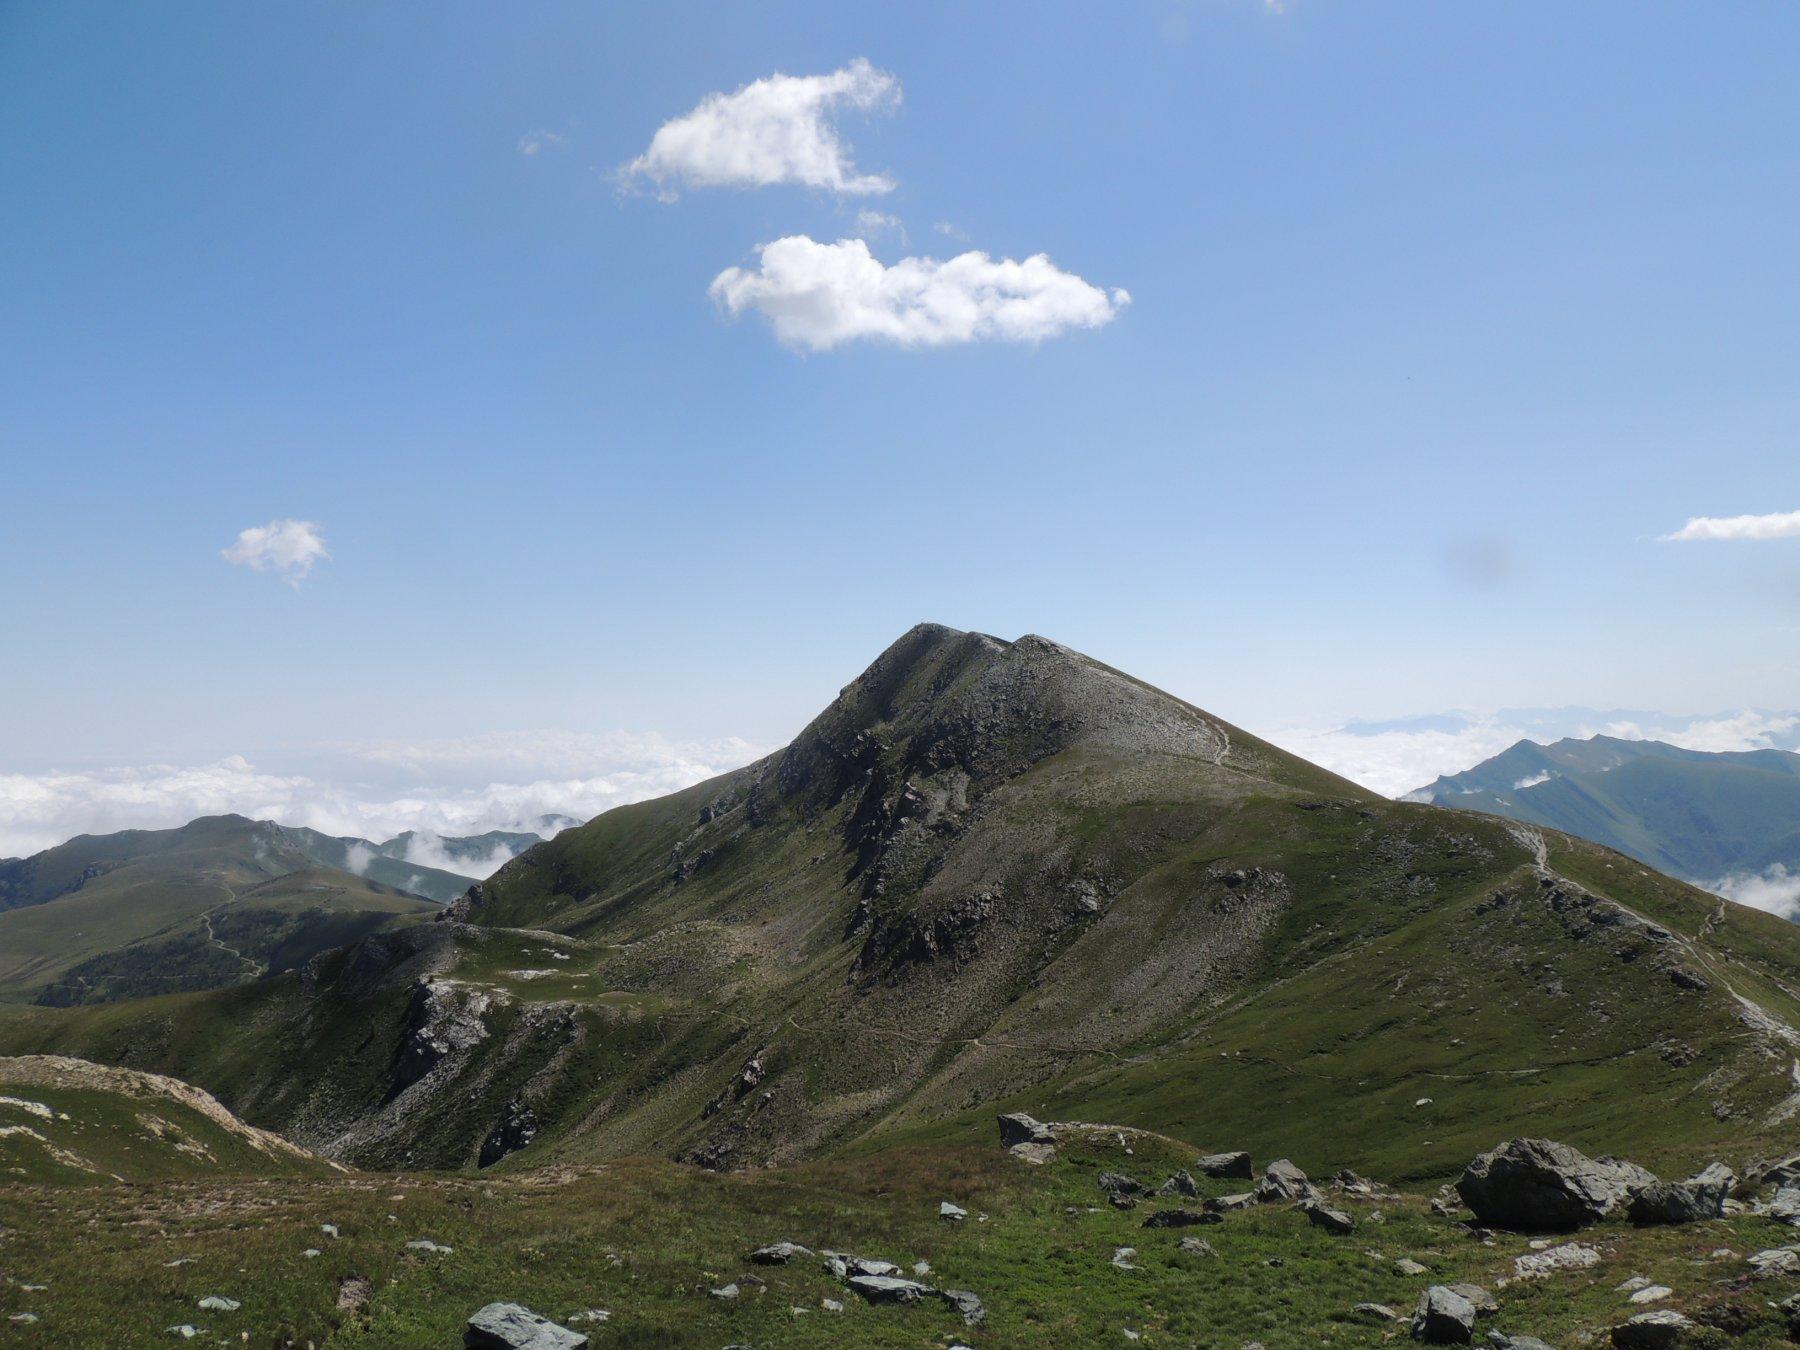 il monte Tibert visto dalla cima Tempesta